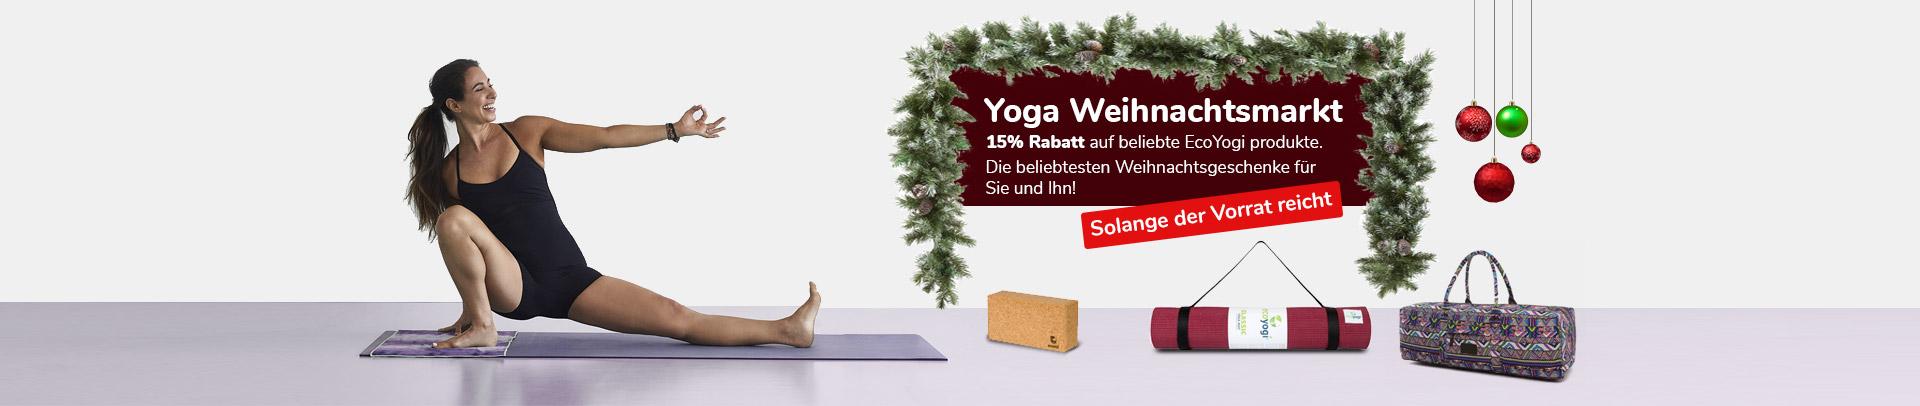 Yogamatte-online banner 2